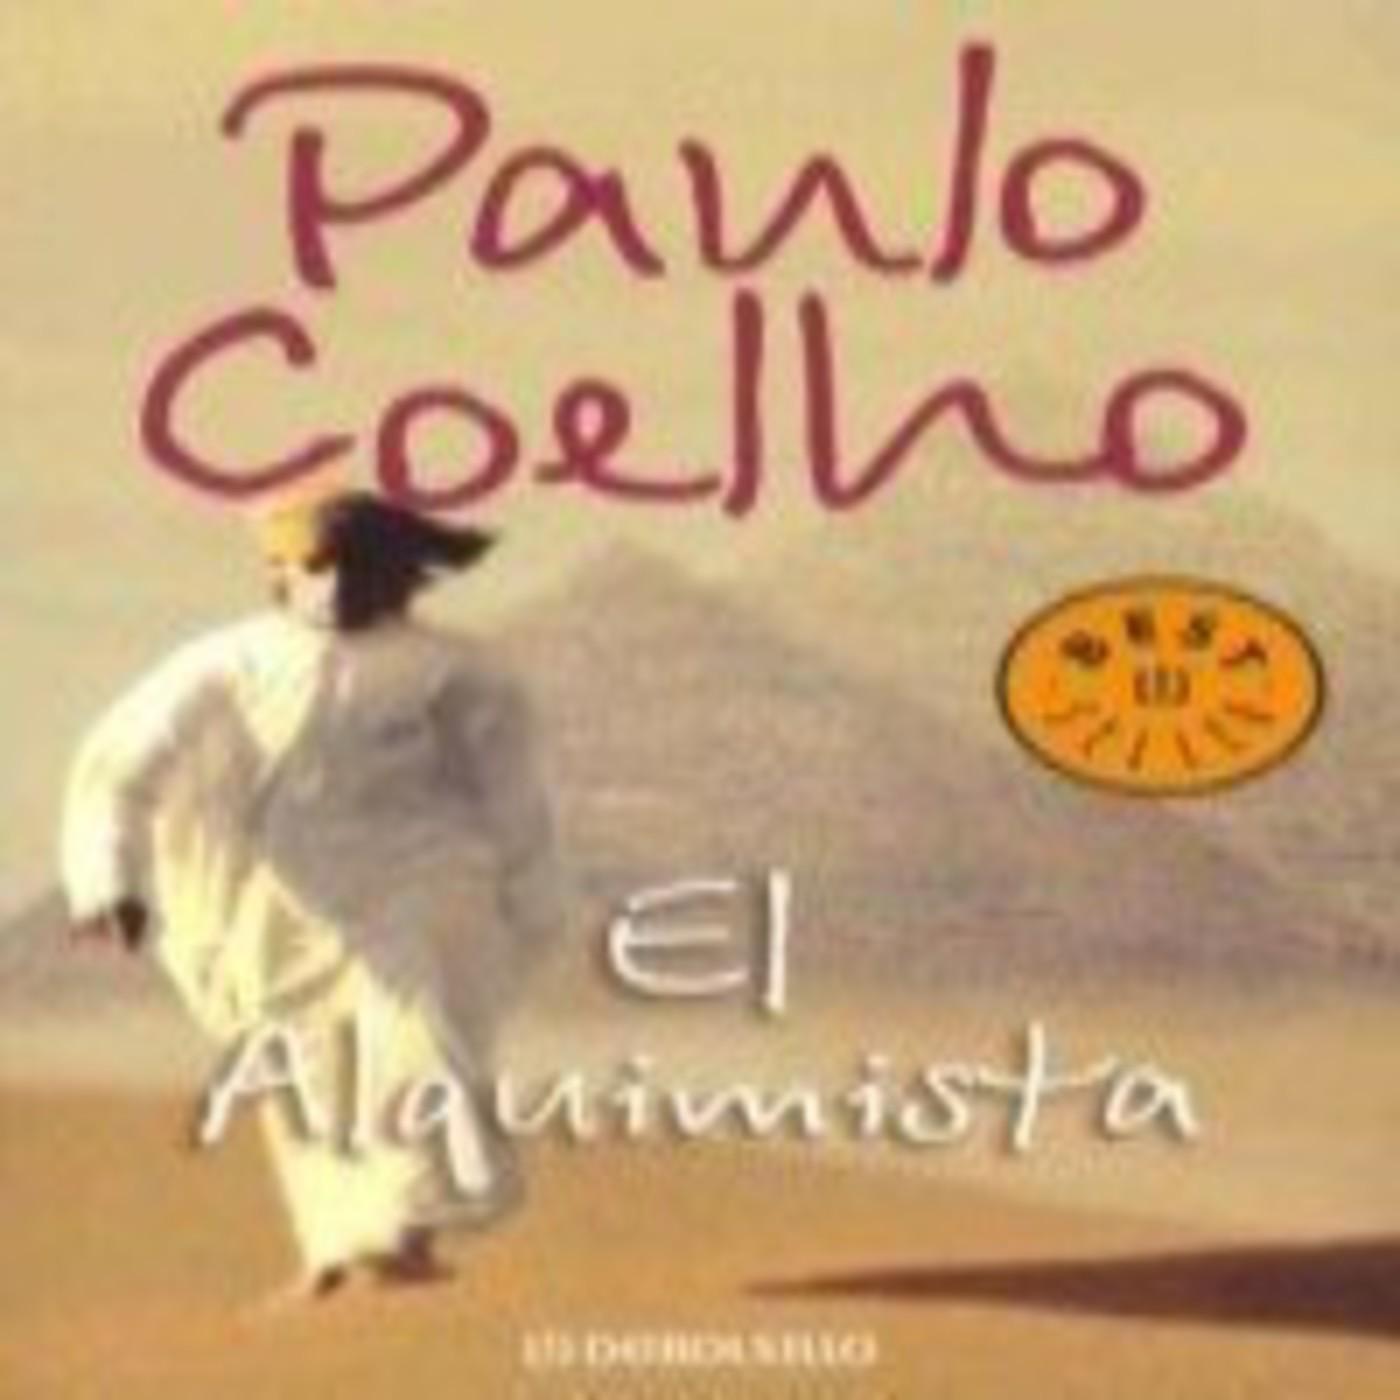 El alquimista de paulo coelho en audiolibros stigmata666 - El alquimista de los acuarios ...